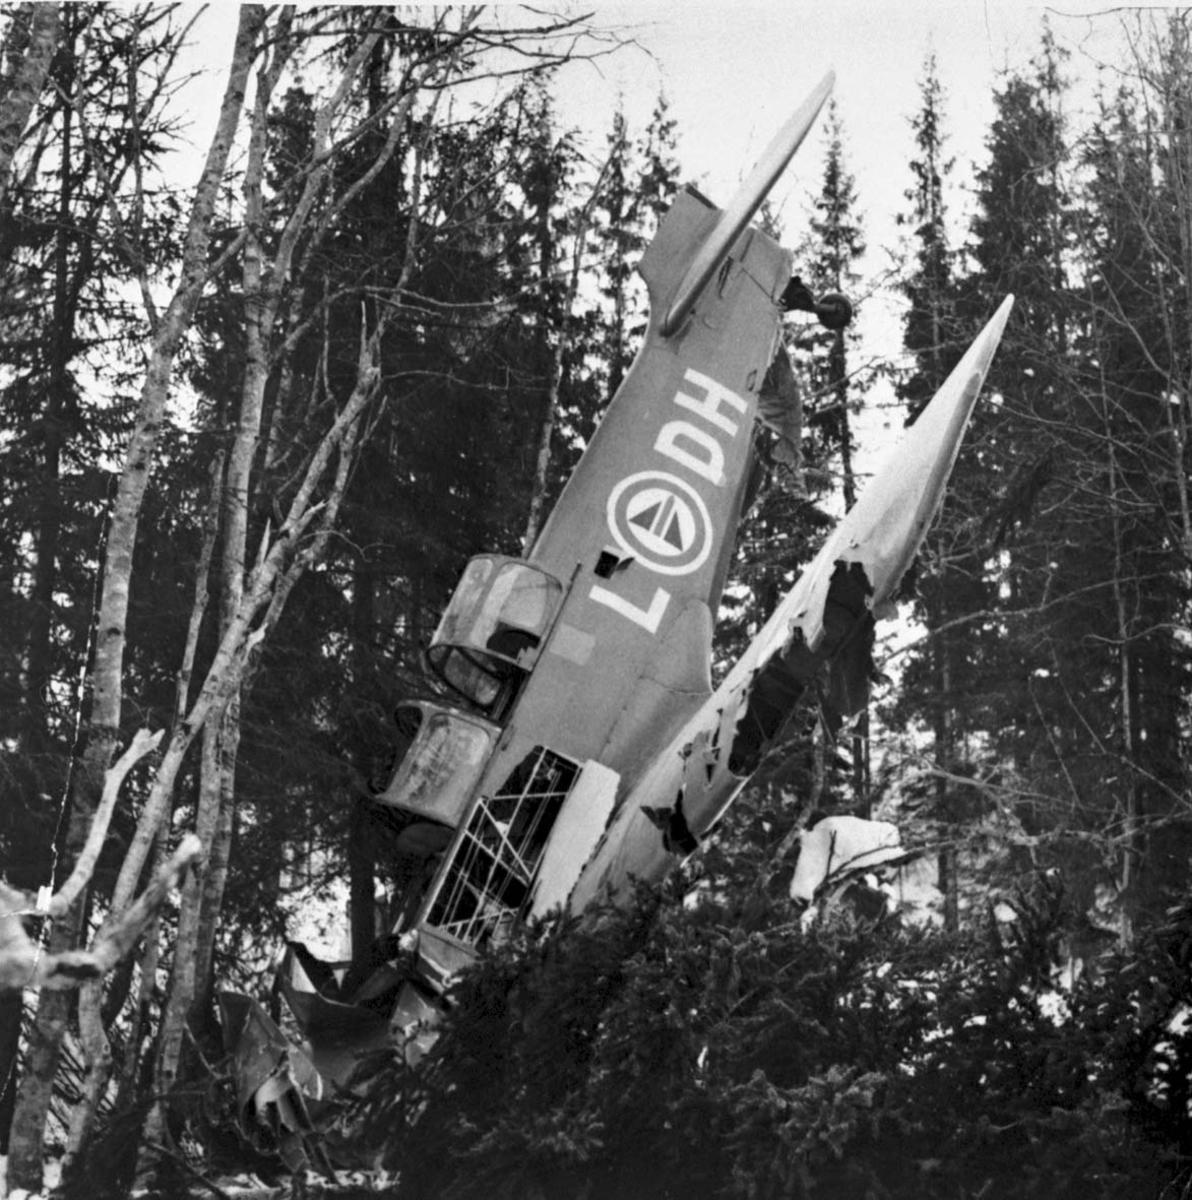 Havari - flyvrak. 1 fly på bakken mellom noen trær. Nesepartiet ned i bakken. Fairchild Cornell L-DH fra RNoAF.